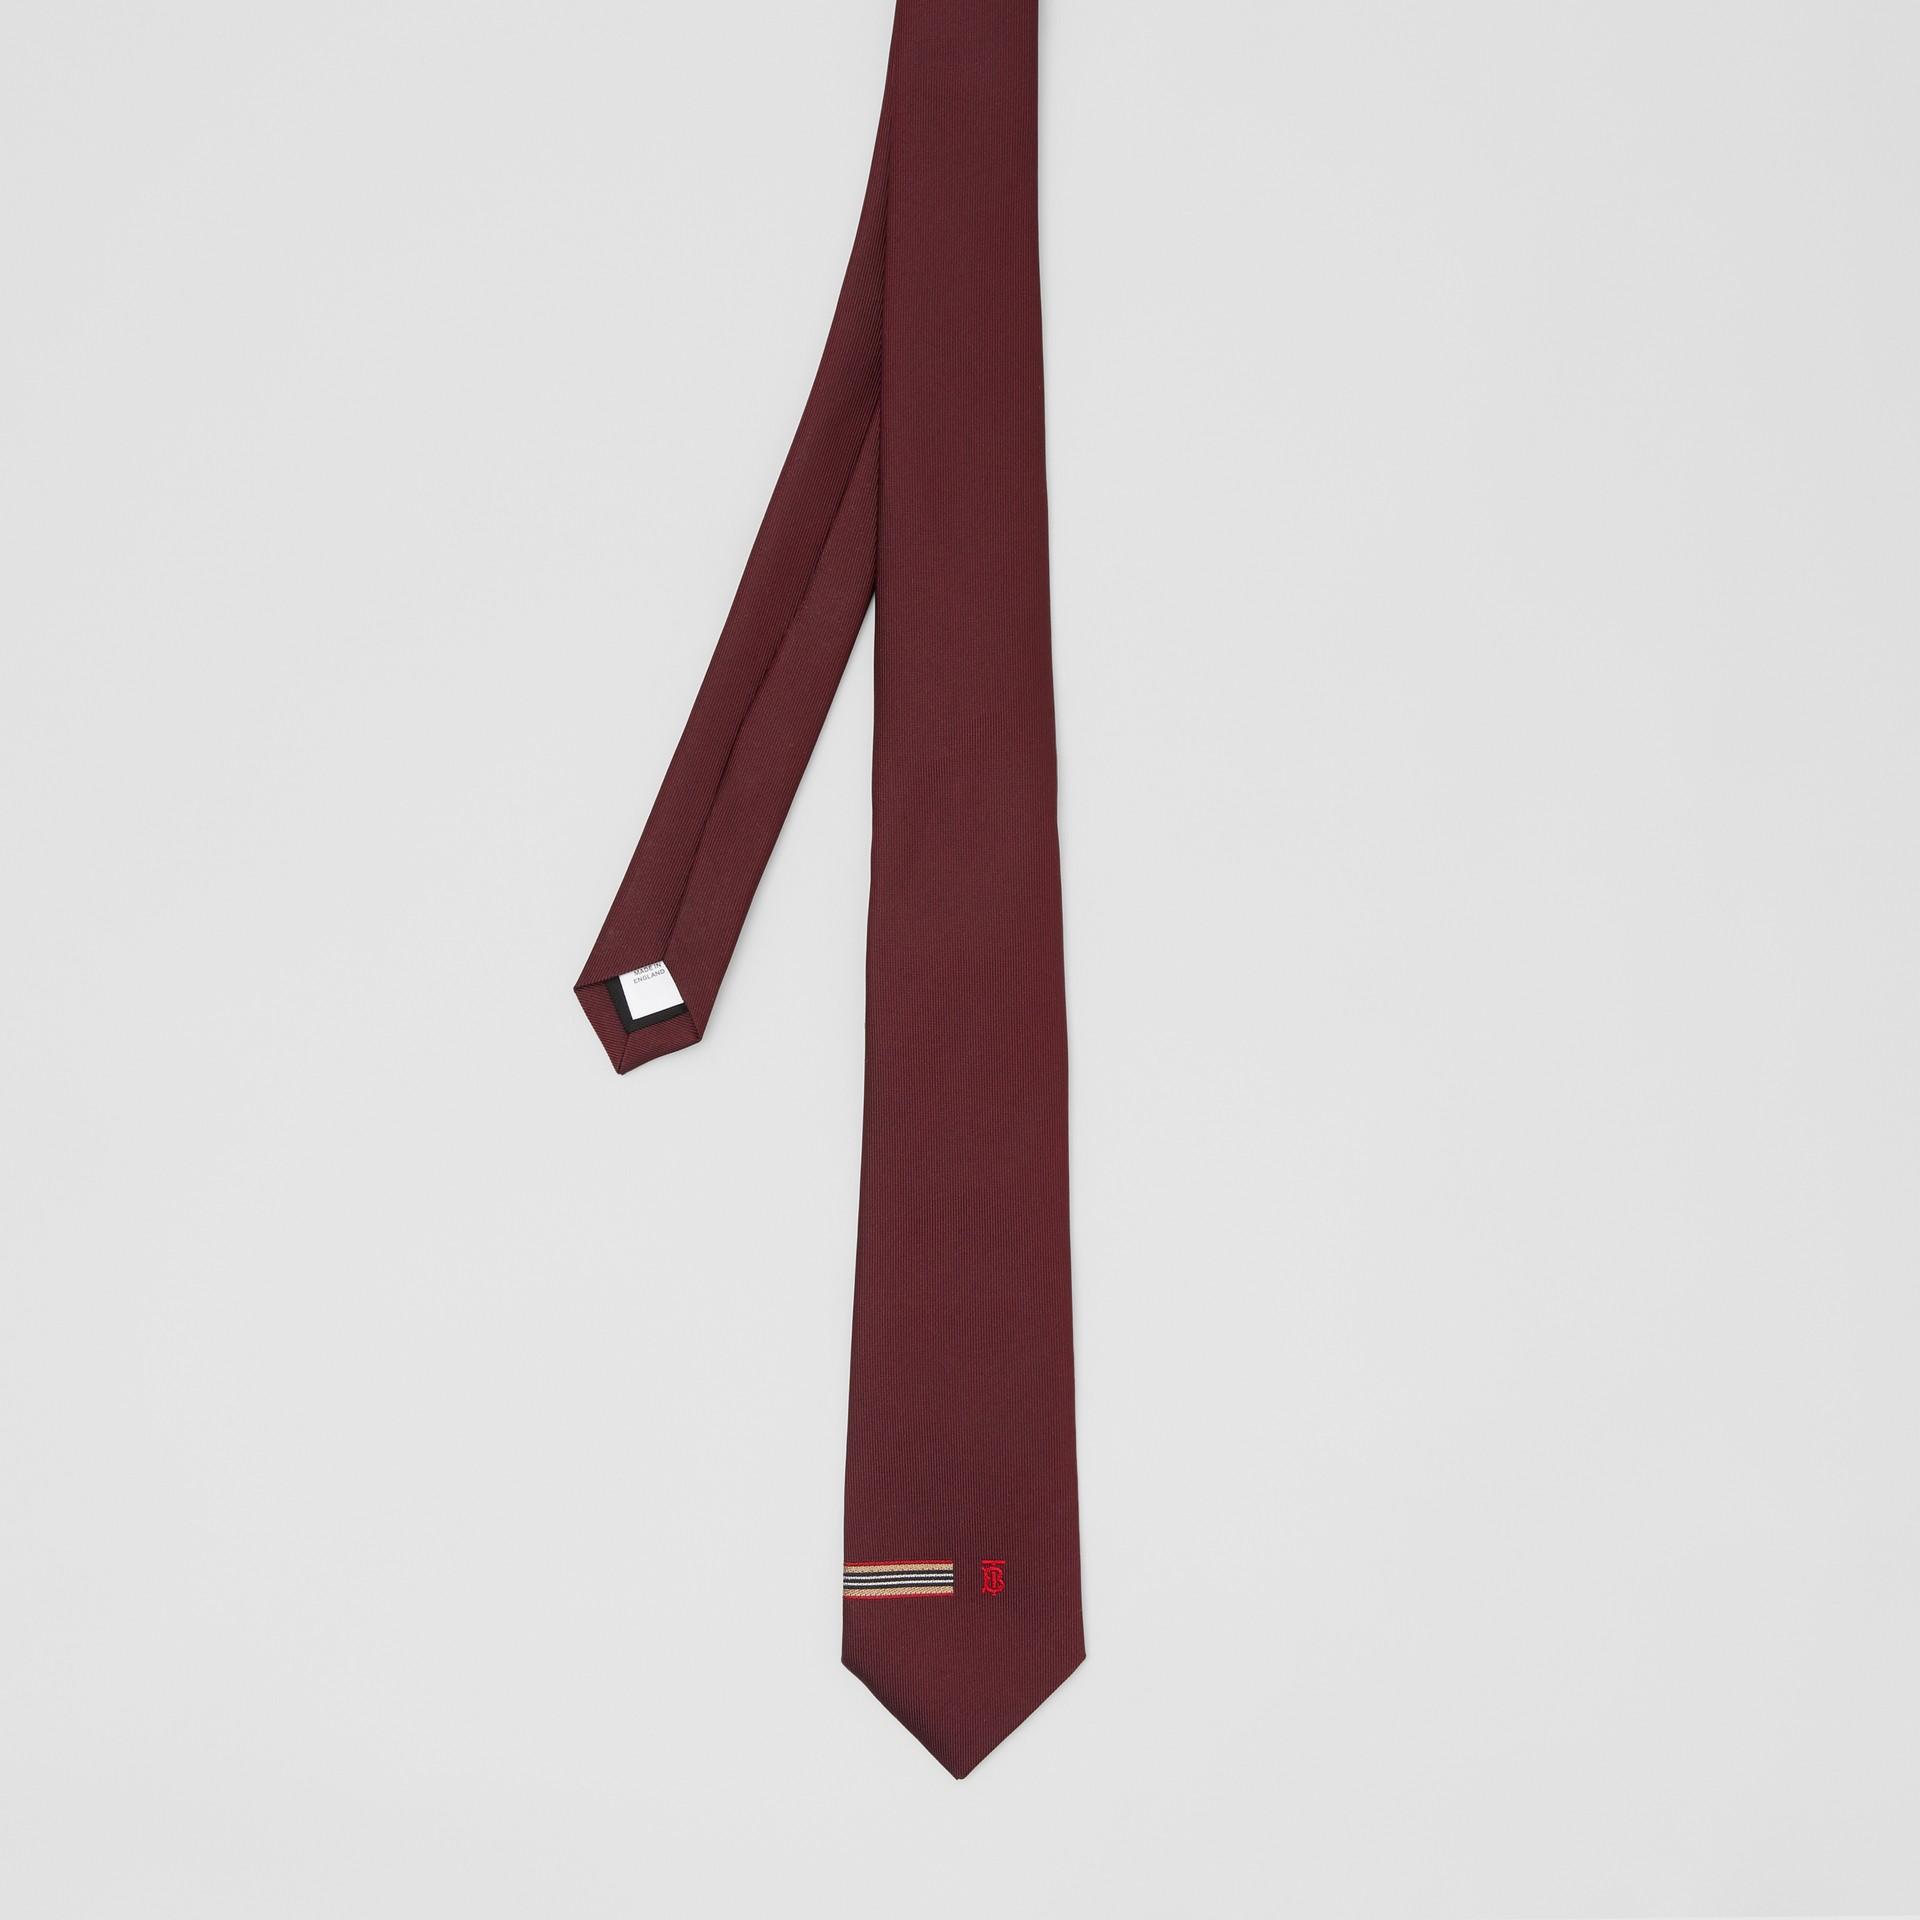 Corbata de pala clásica en seda con detalle a rayas Icon Stripe y monograma (Granate) - Hombre | Burberry - imagen de la galería 3